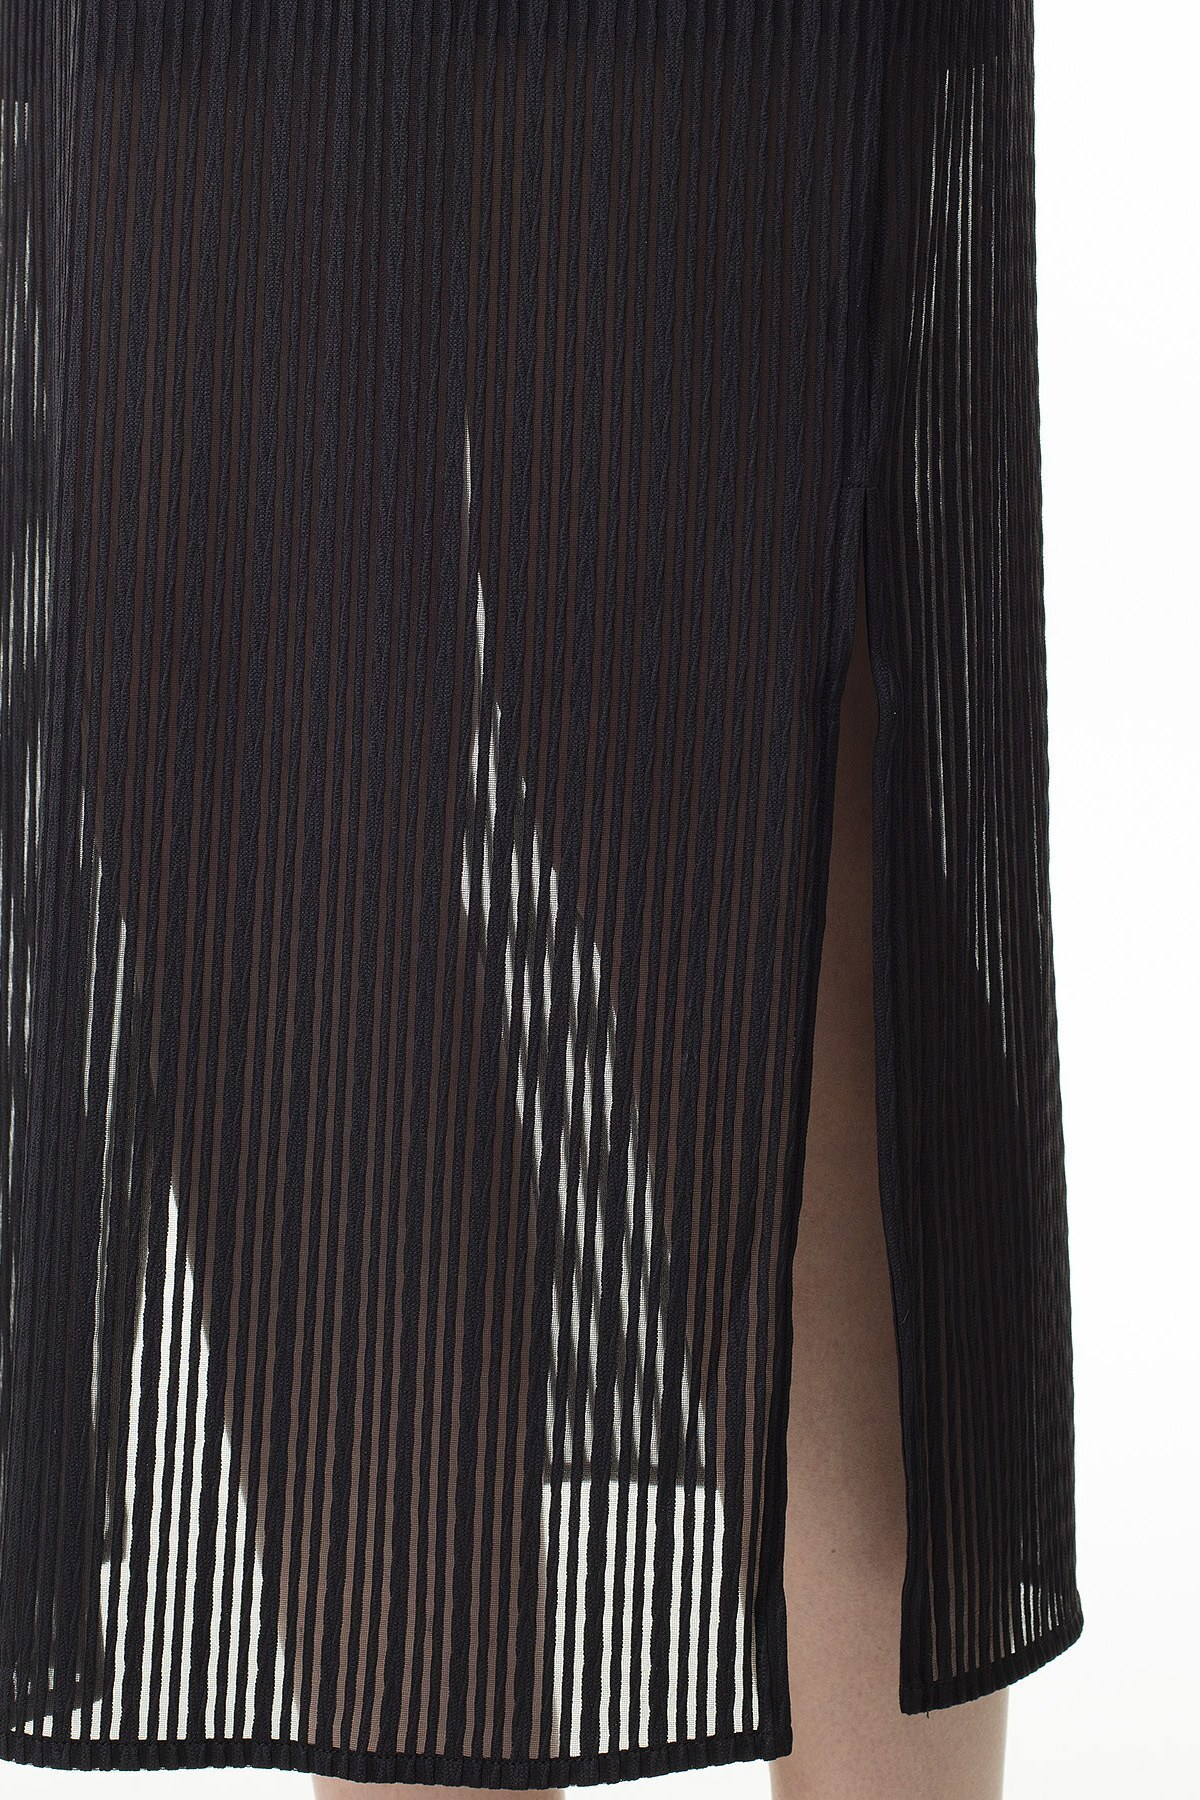 Armani Exchange Yarı Saydam Panelli Bodycon Uzun Bayan Elbise 3HYA95 YJ88Z 1200 SİYAH